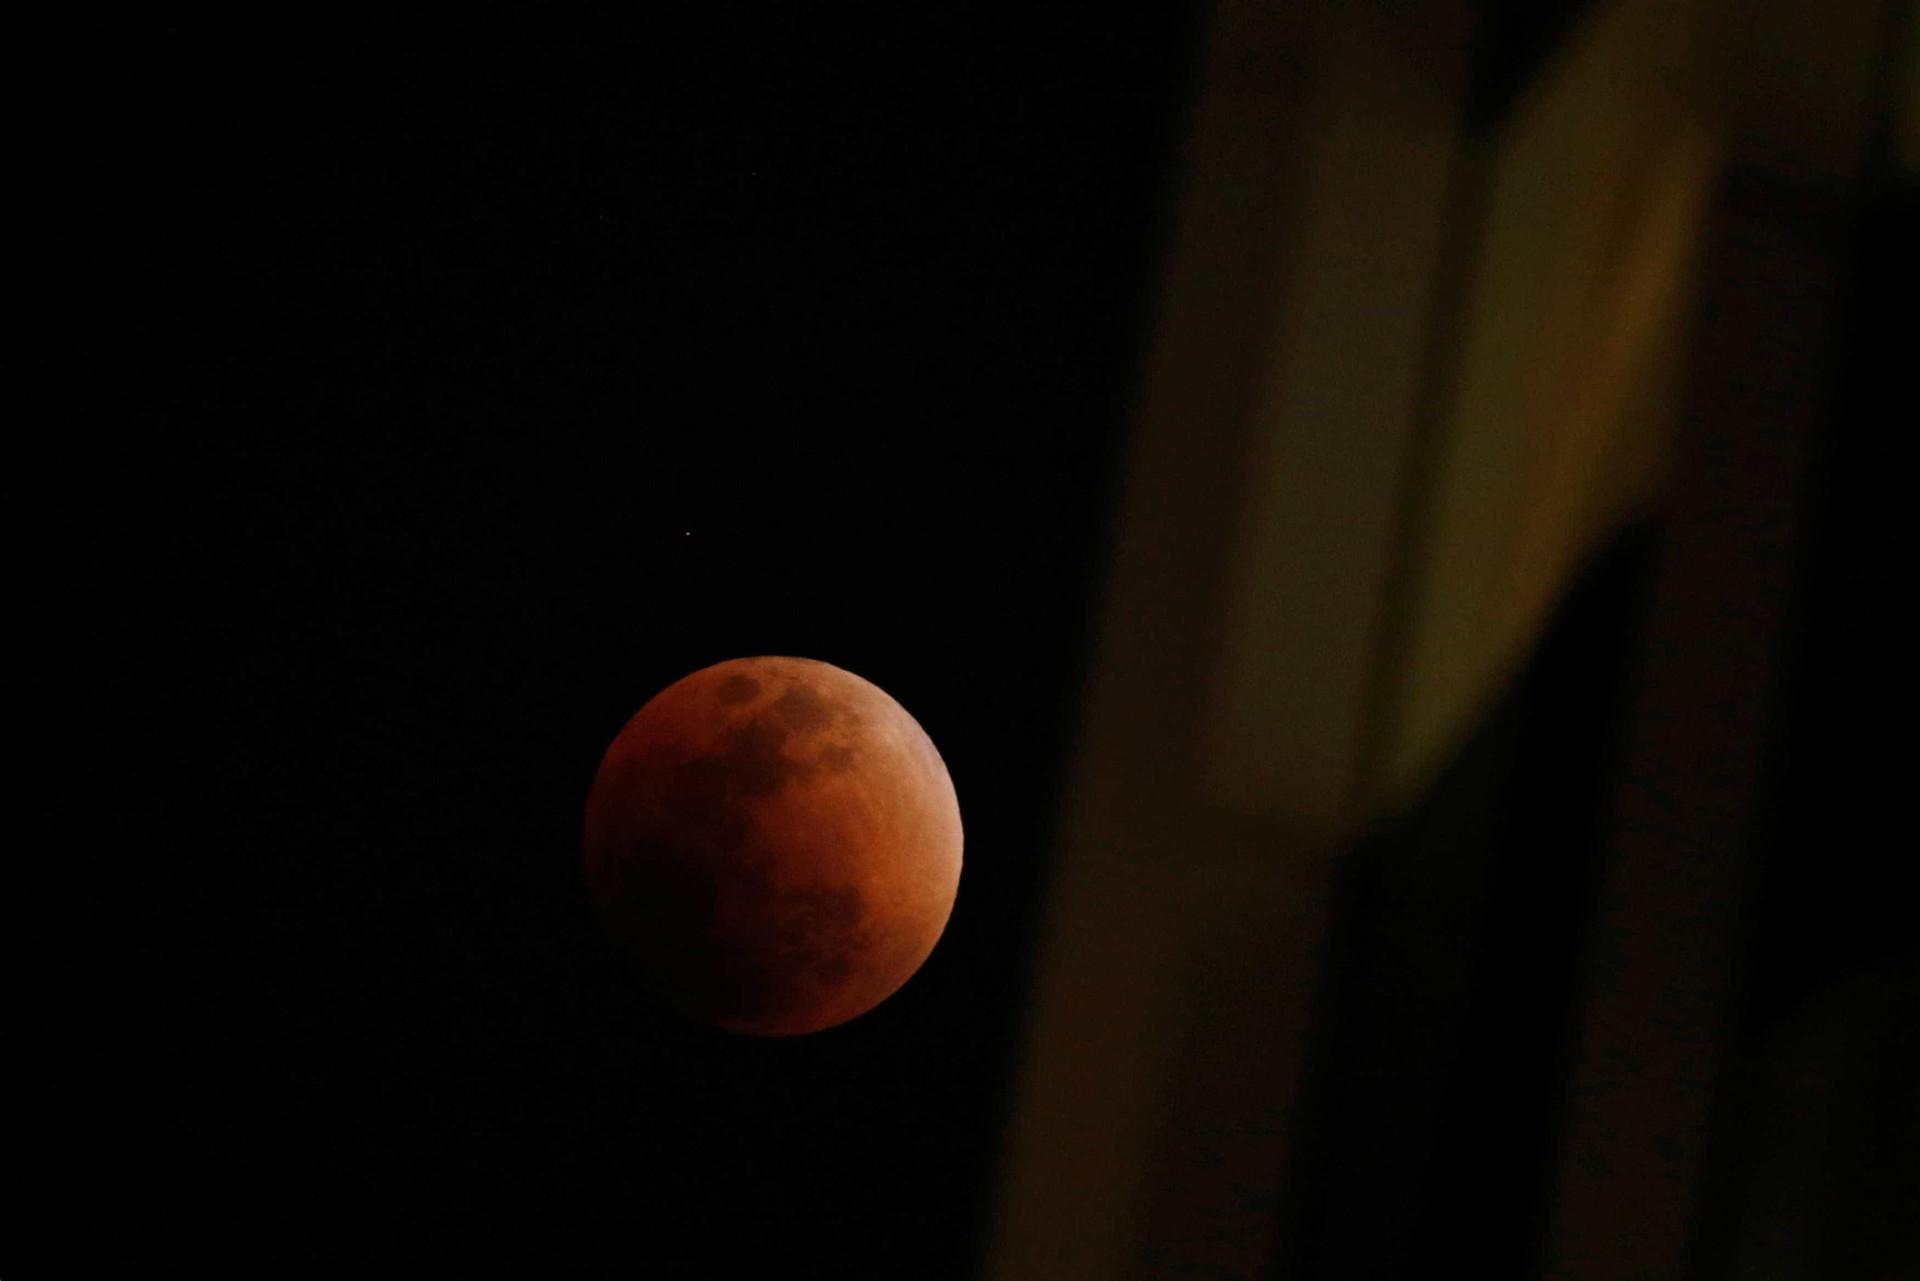 Super Lua cria fenômeno incrível nos céus; veja as melhores fotos